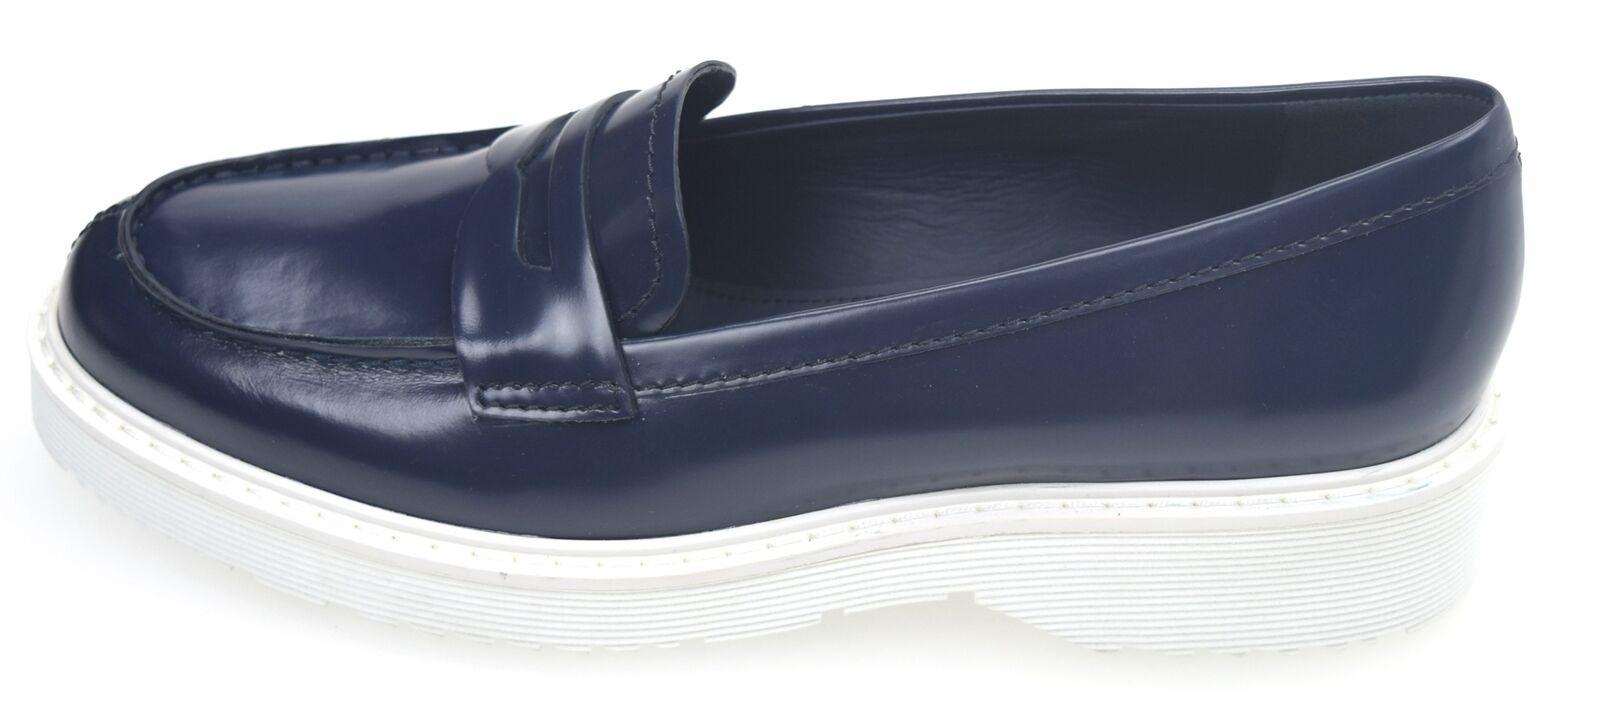 PRADA chaussures PLANOS MOCASÍN PARA femmes bleu BALTICO ART. ART. ART. 3D5944 7719b1